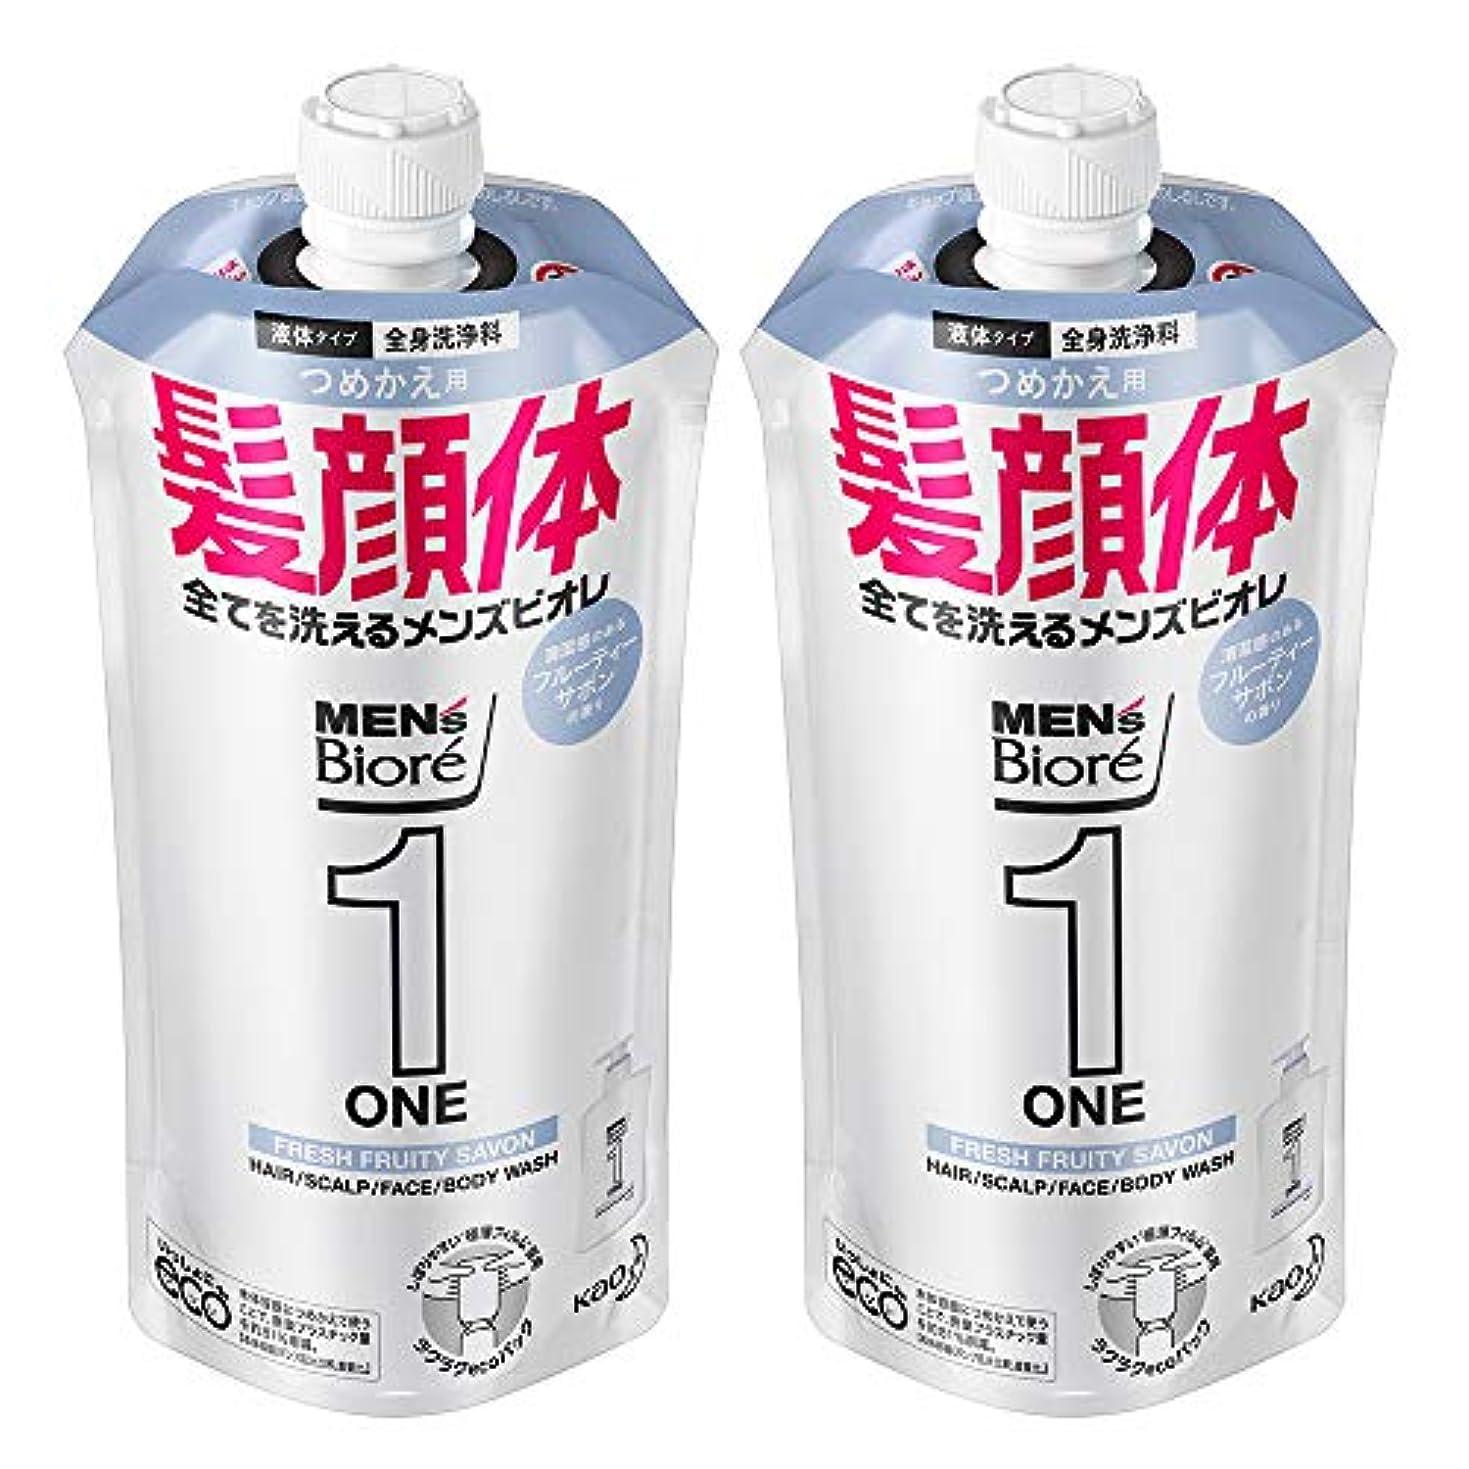 滑り台並外れて心のこもった【まとめ買い】メンズビオレ ONE オールインワン全身洗浄料 フルーティーサボンの香り つめかえ用 340ml×2個